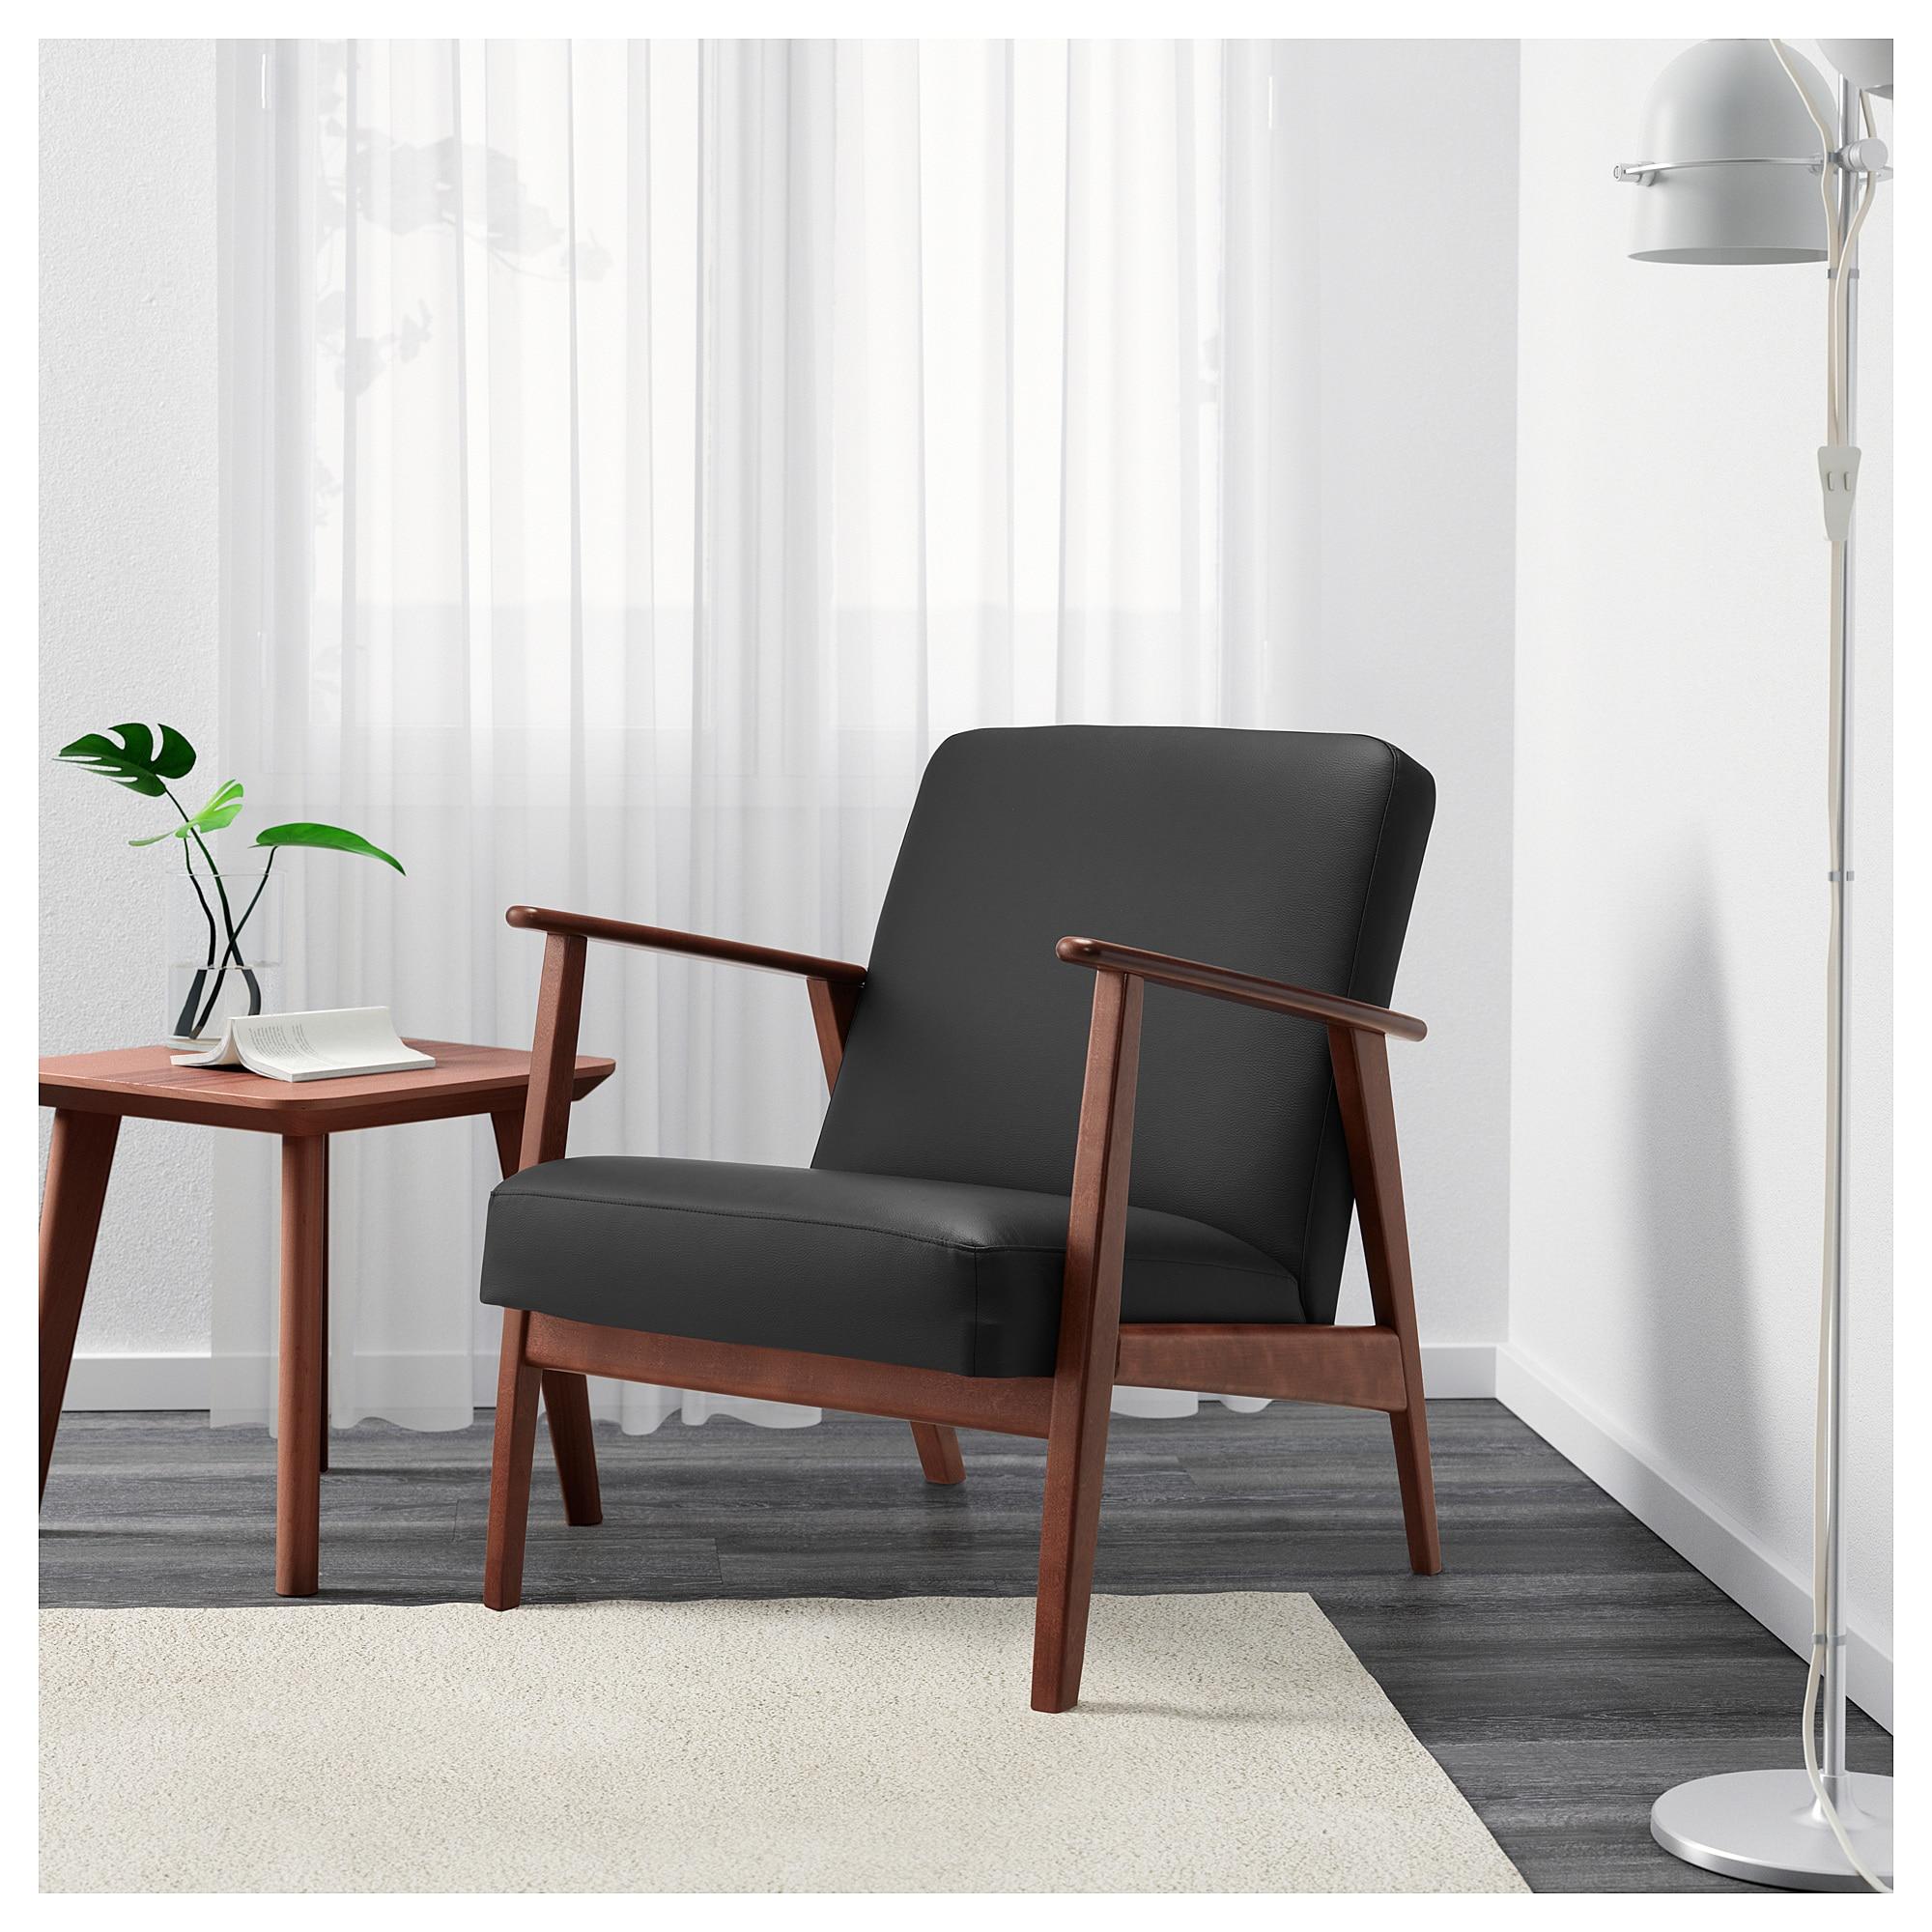 10 fauteuils originaux pour donner du style votre salon cocon d co vie nomade - Fauteuil salon ...